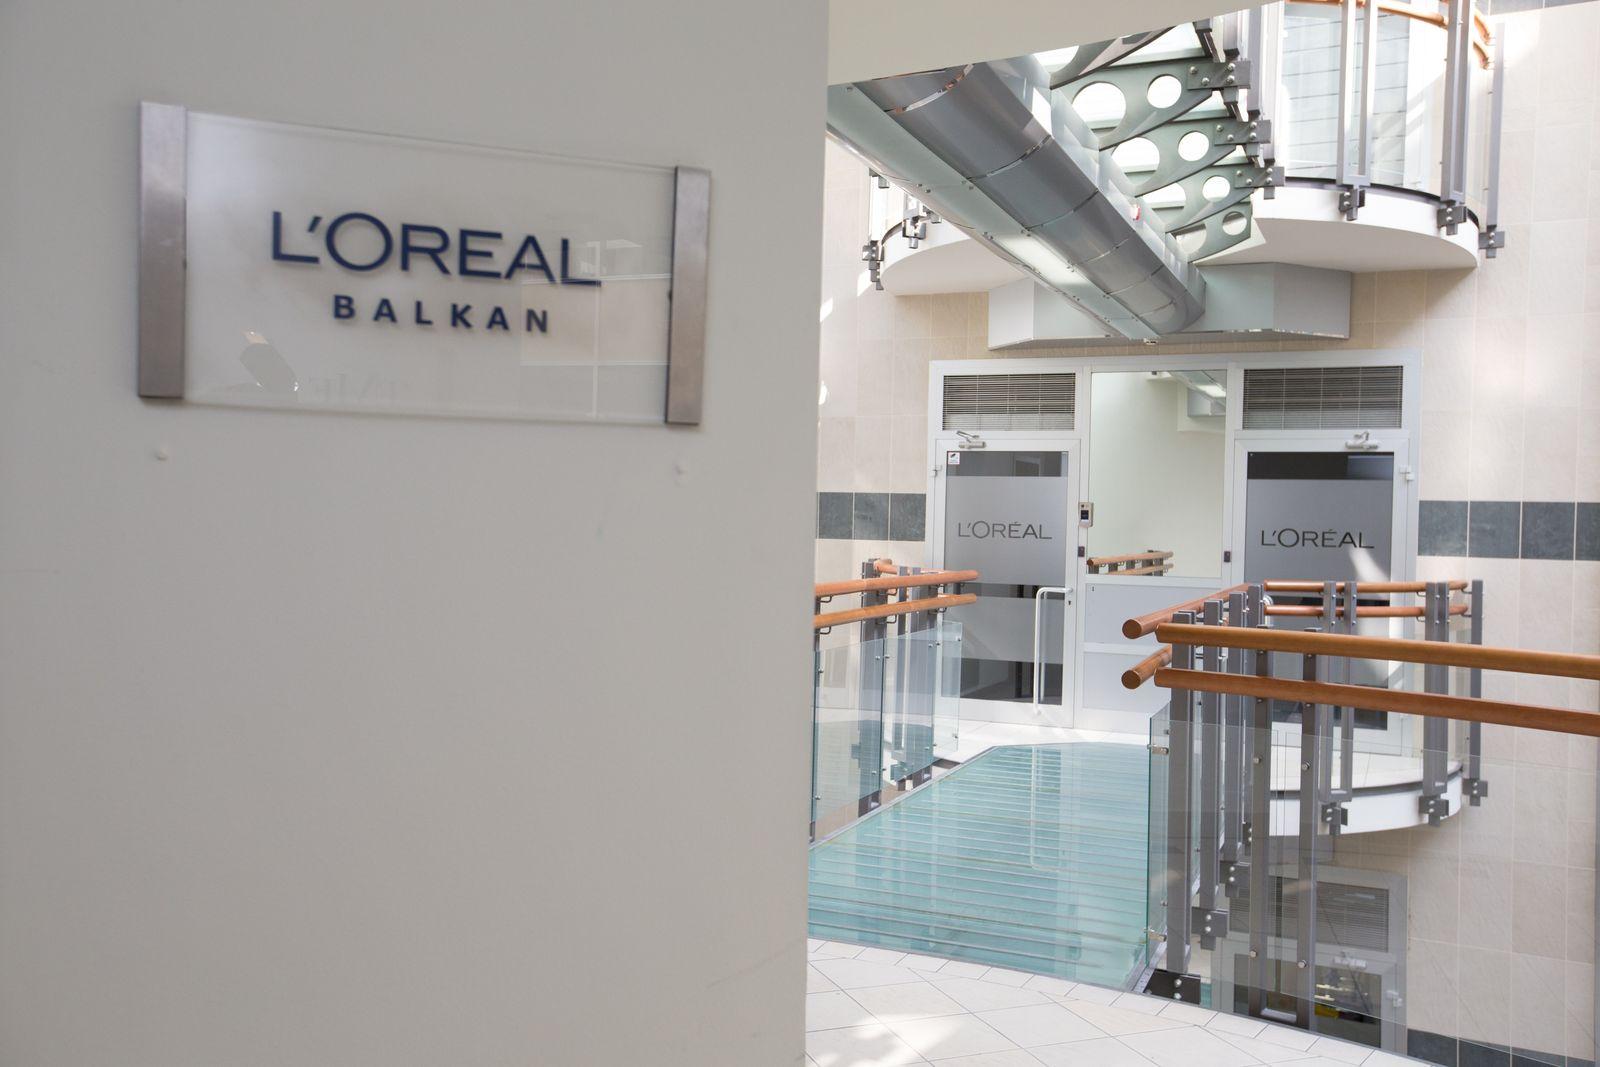 L'Oréal Balkan